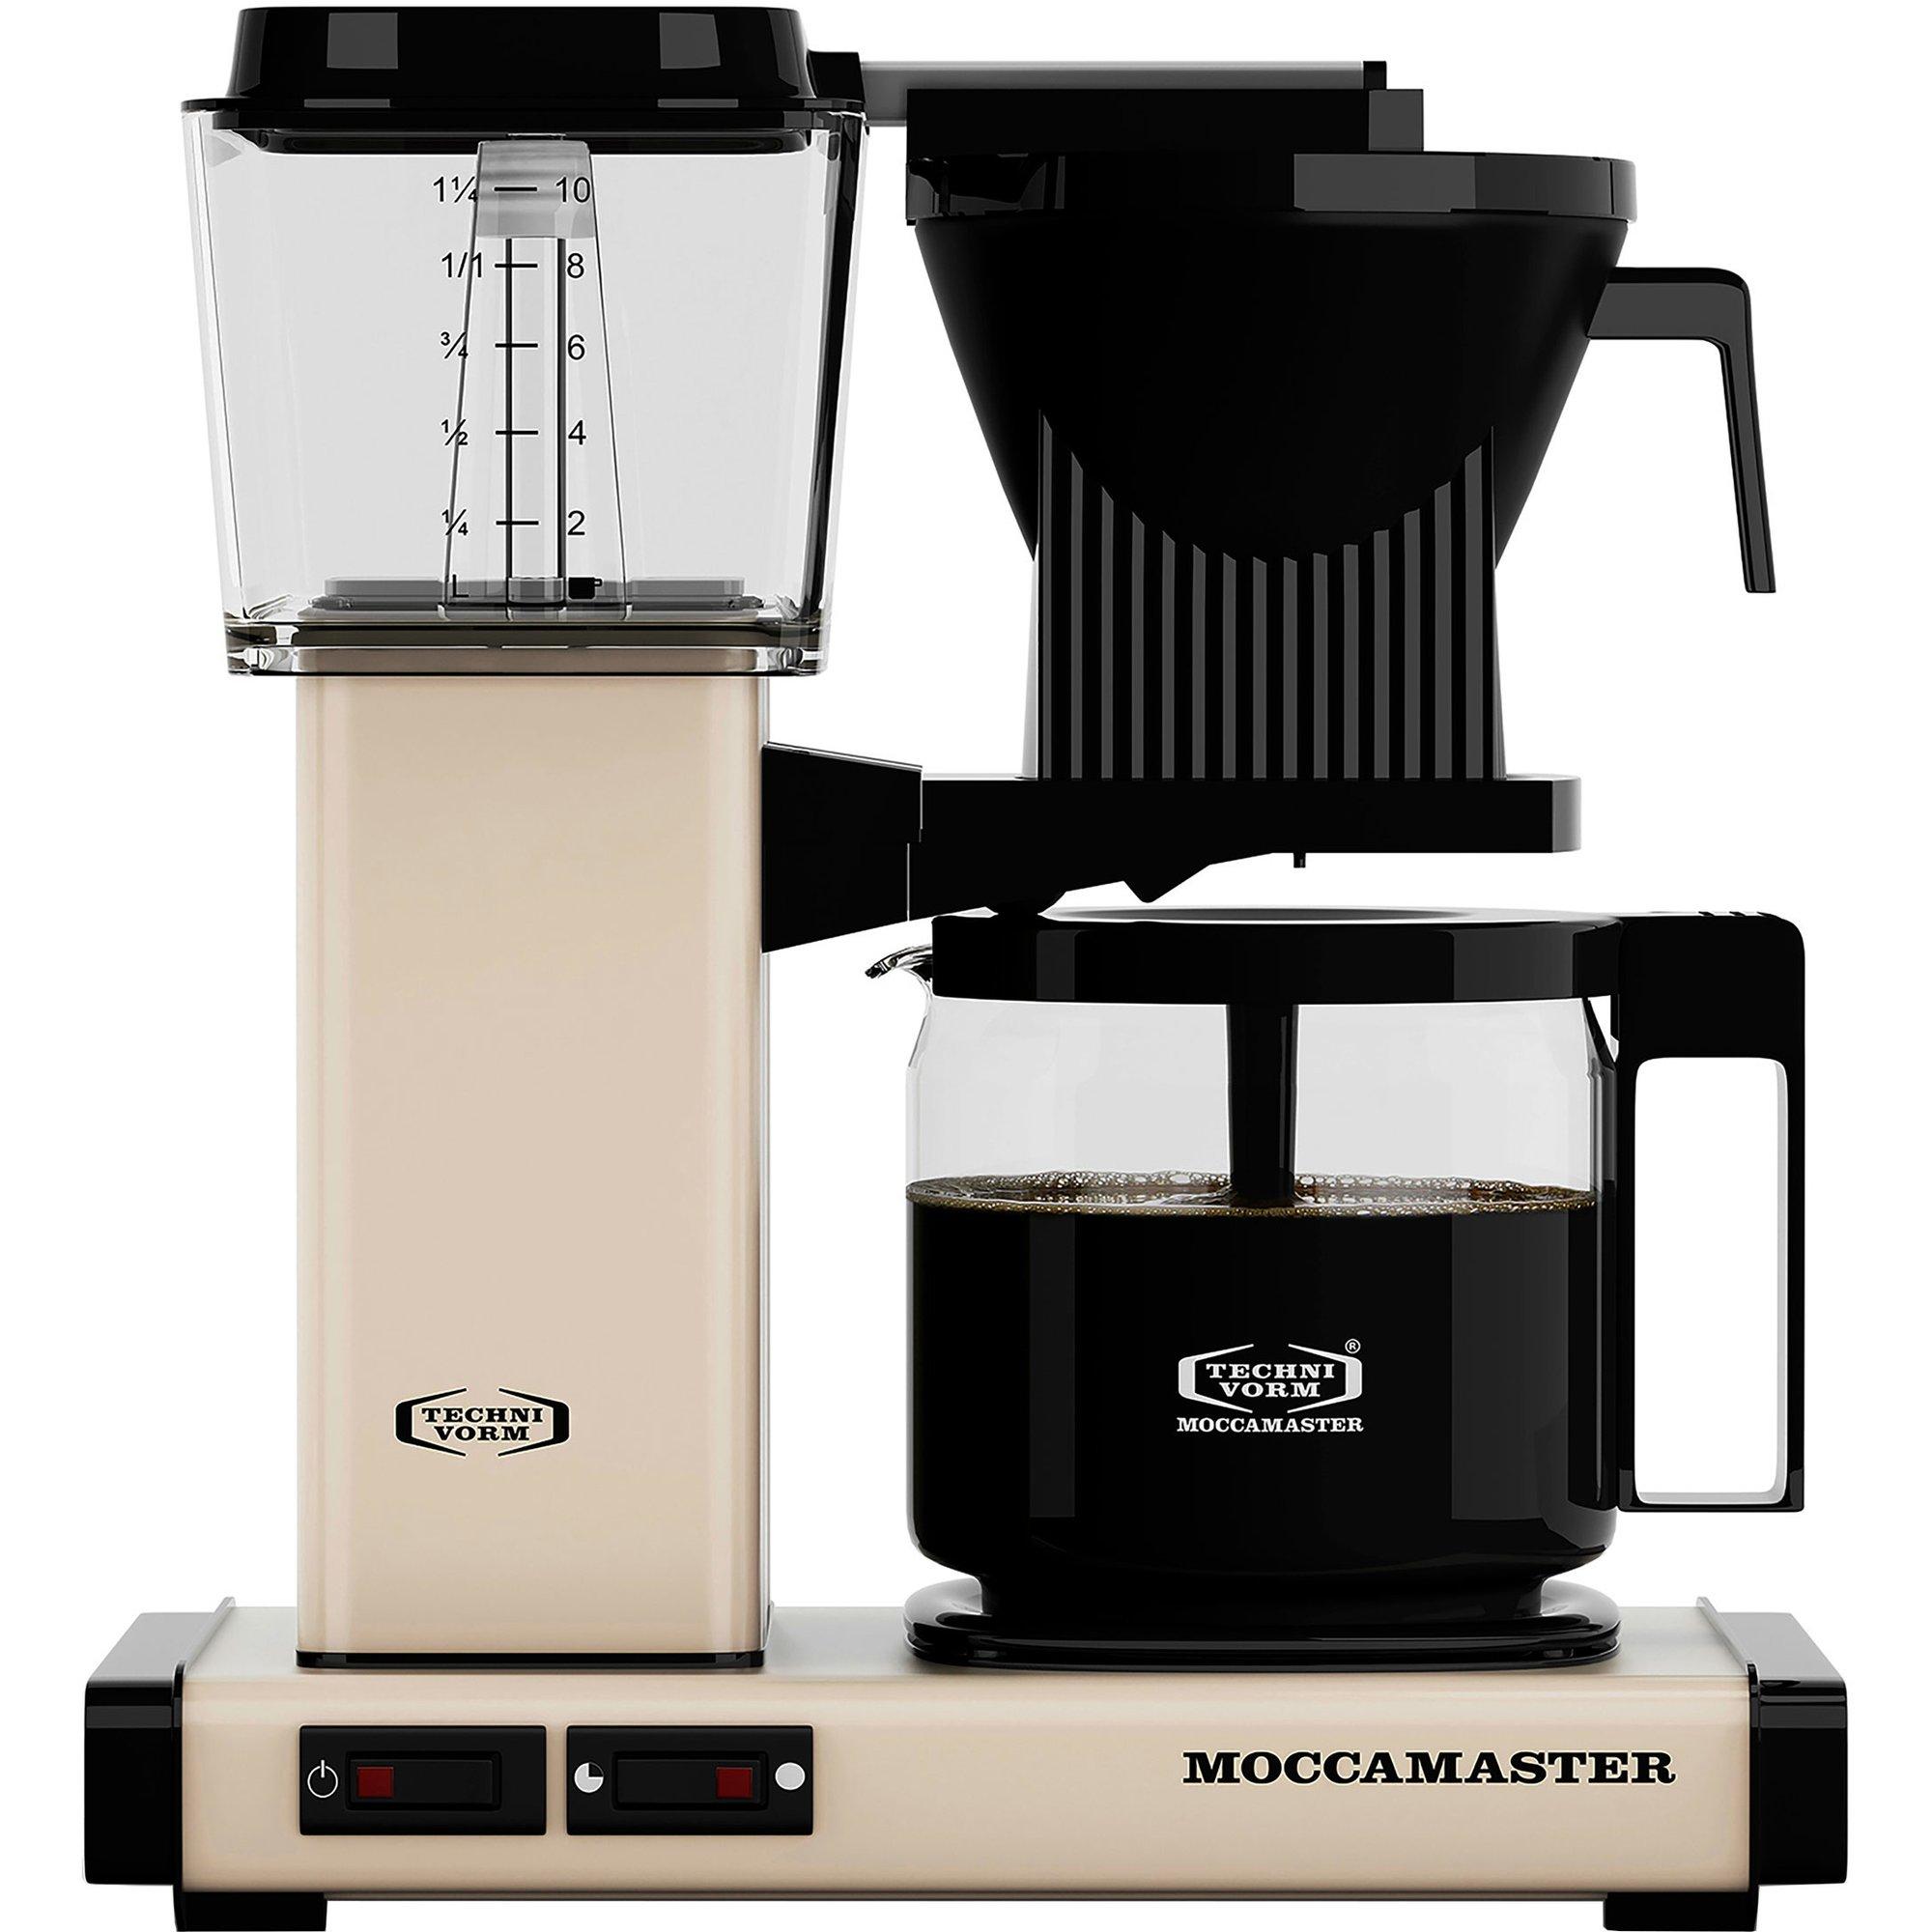 Moccamaster Kaffebryggare KBG962AO – Light Ivory